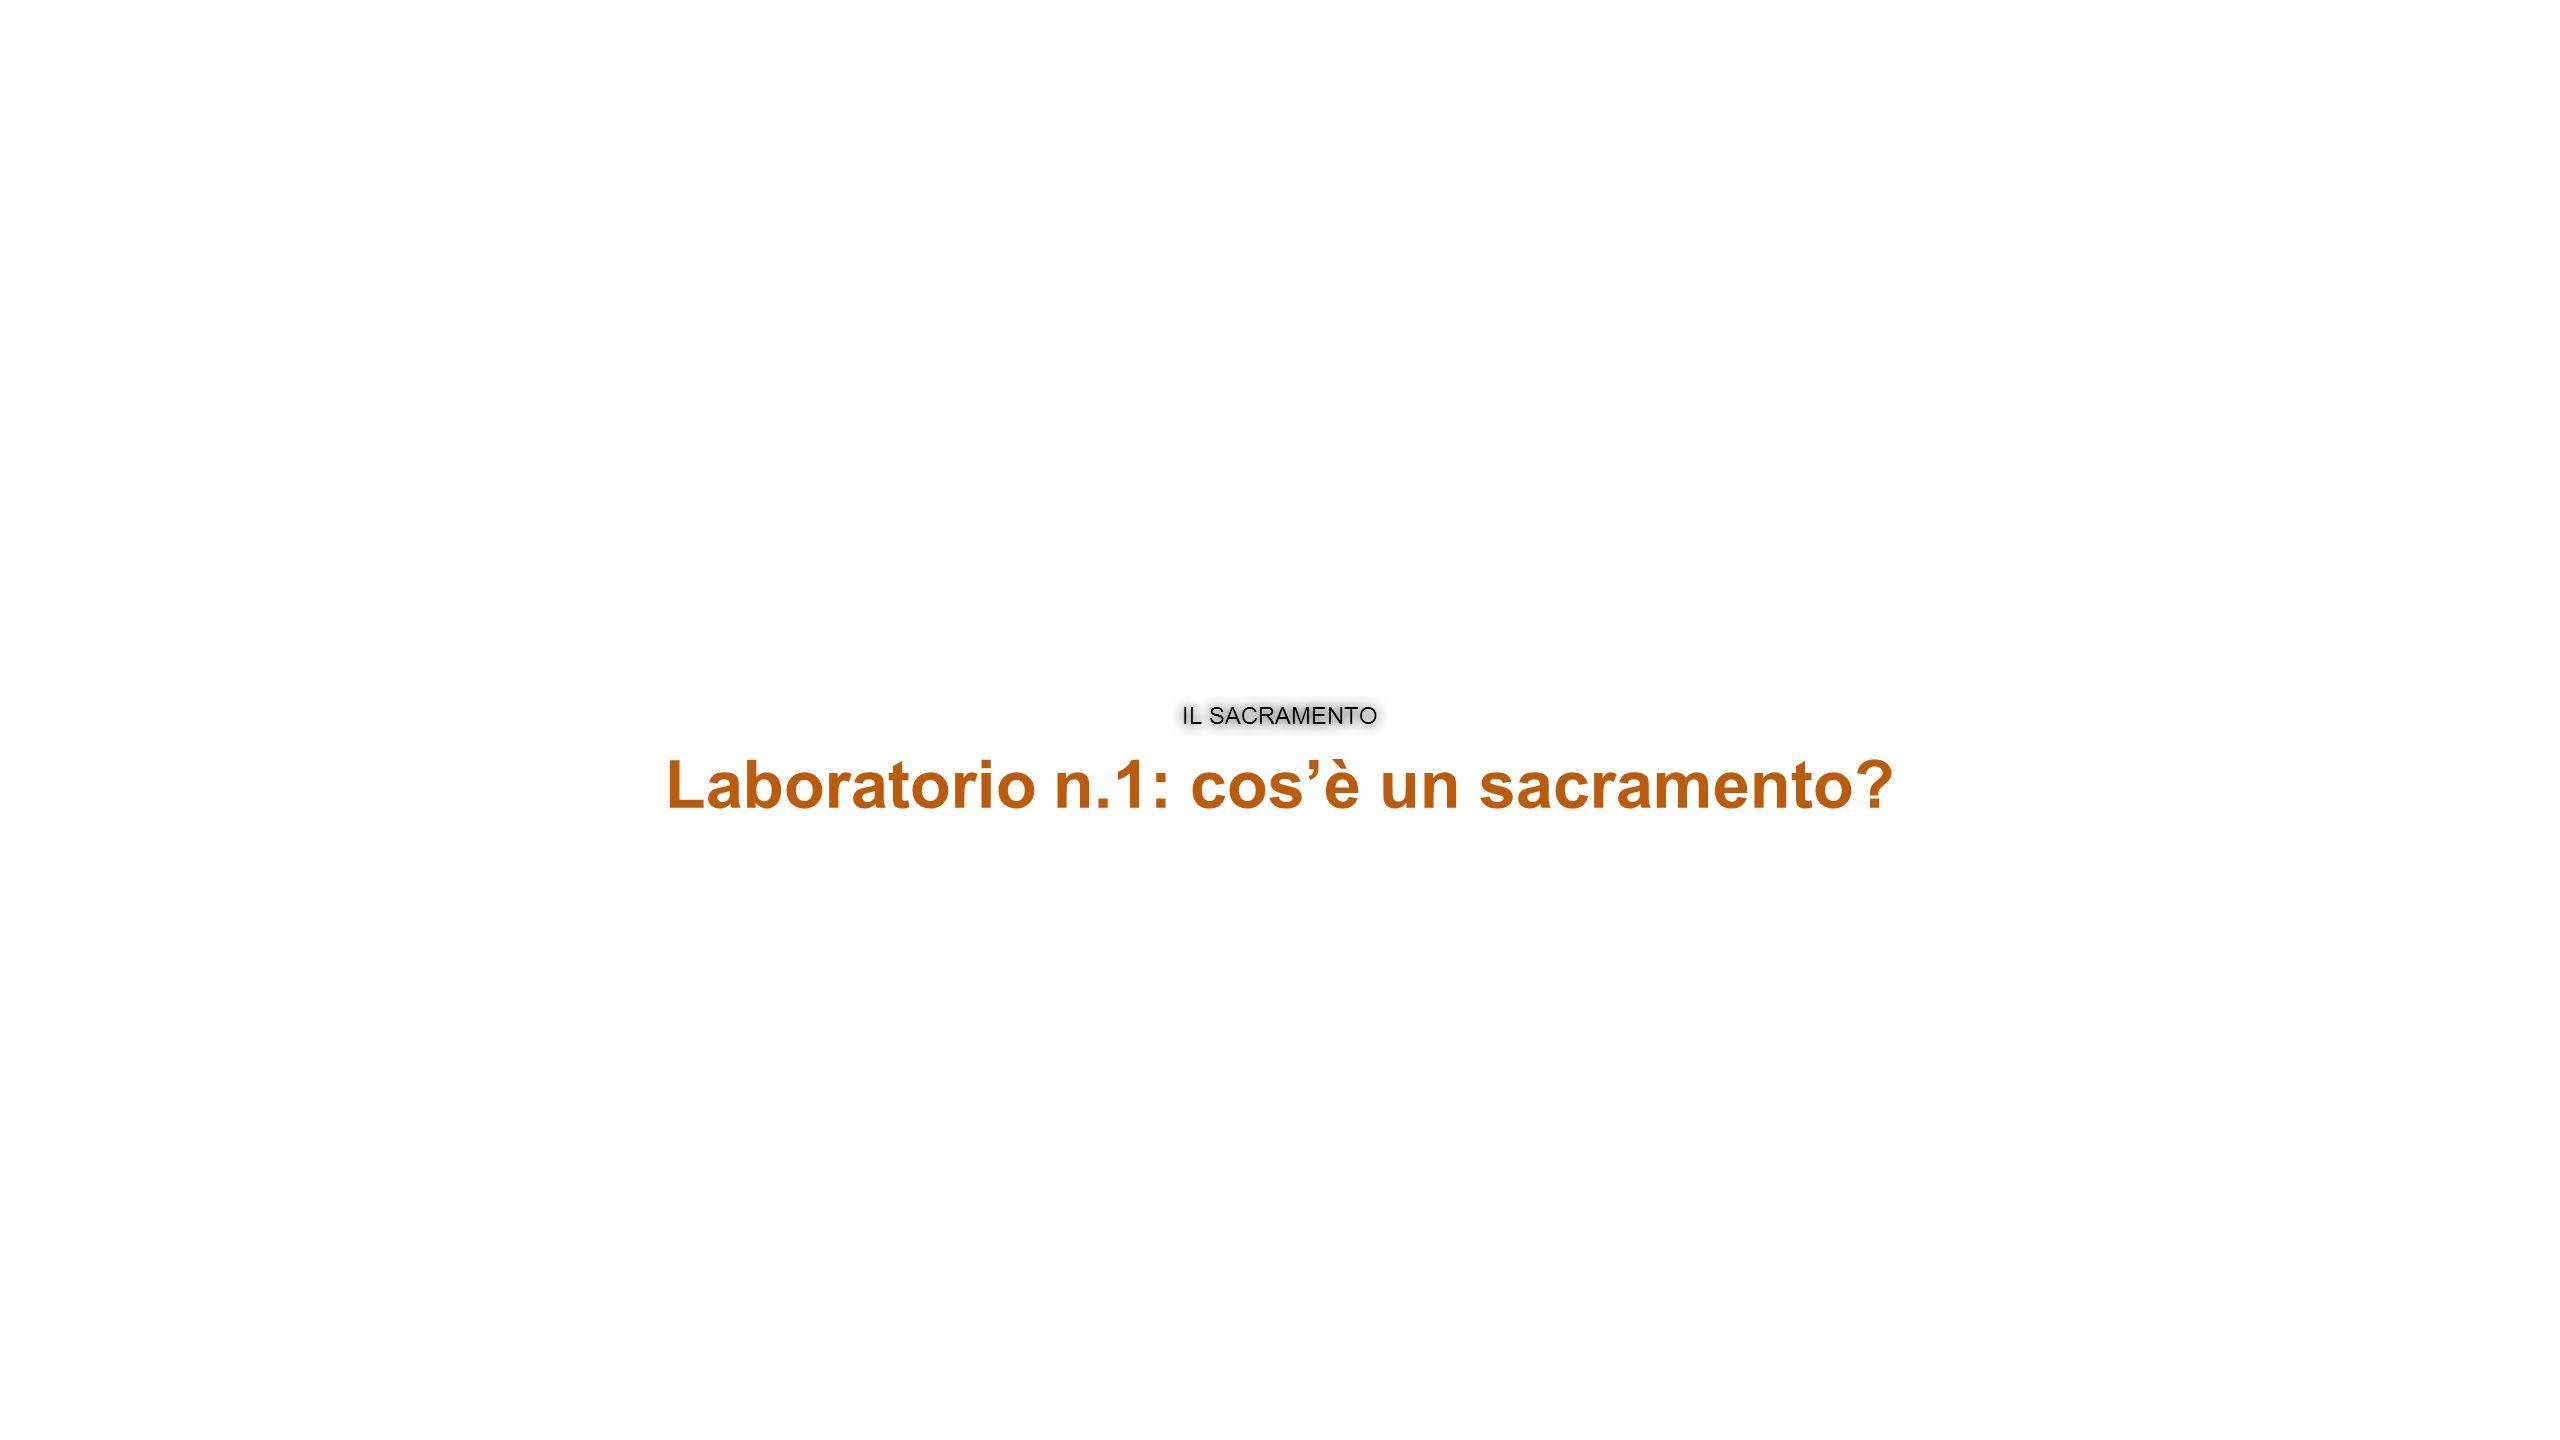 Laboratorio n.1: cos'è un sacramento